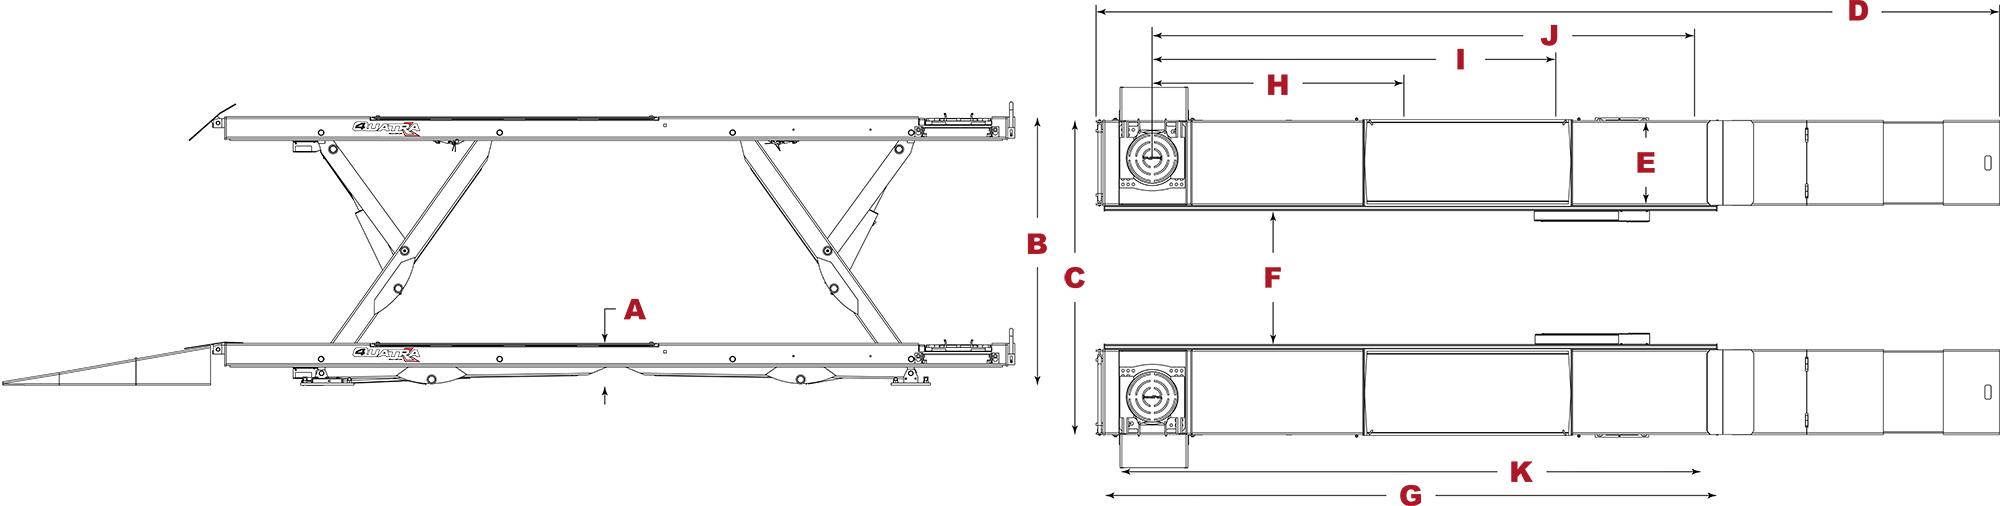 xr-12000a-scissors-alignment-lift-specs-diagram.jpg